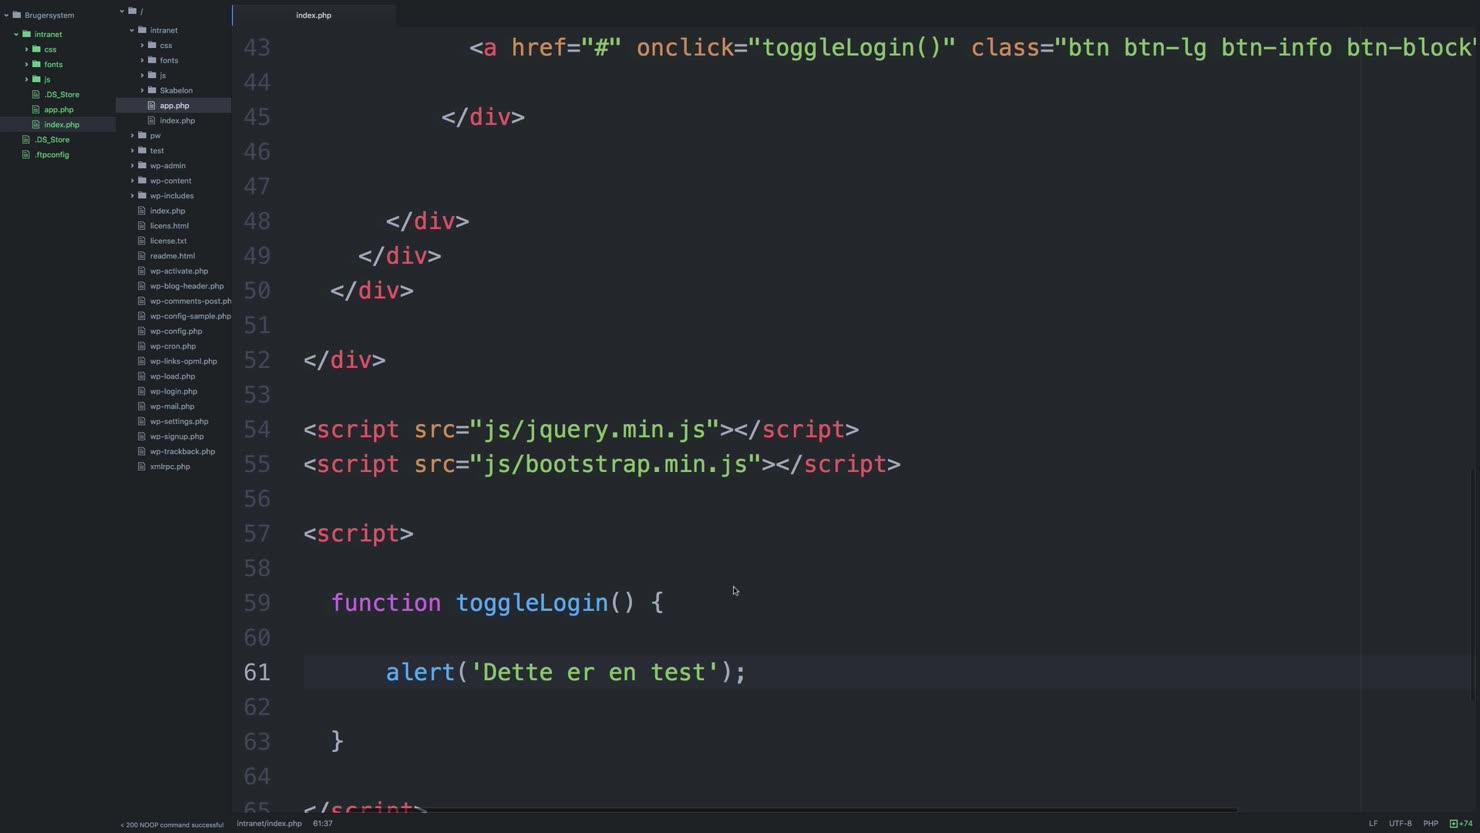 Brug Javascript/jQuery til at lave en